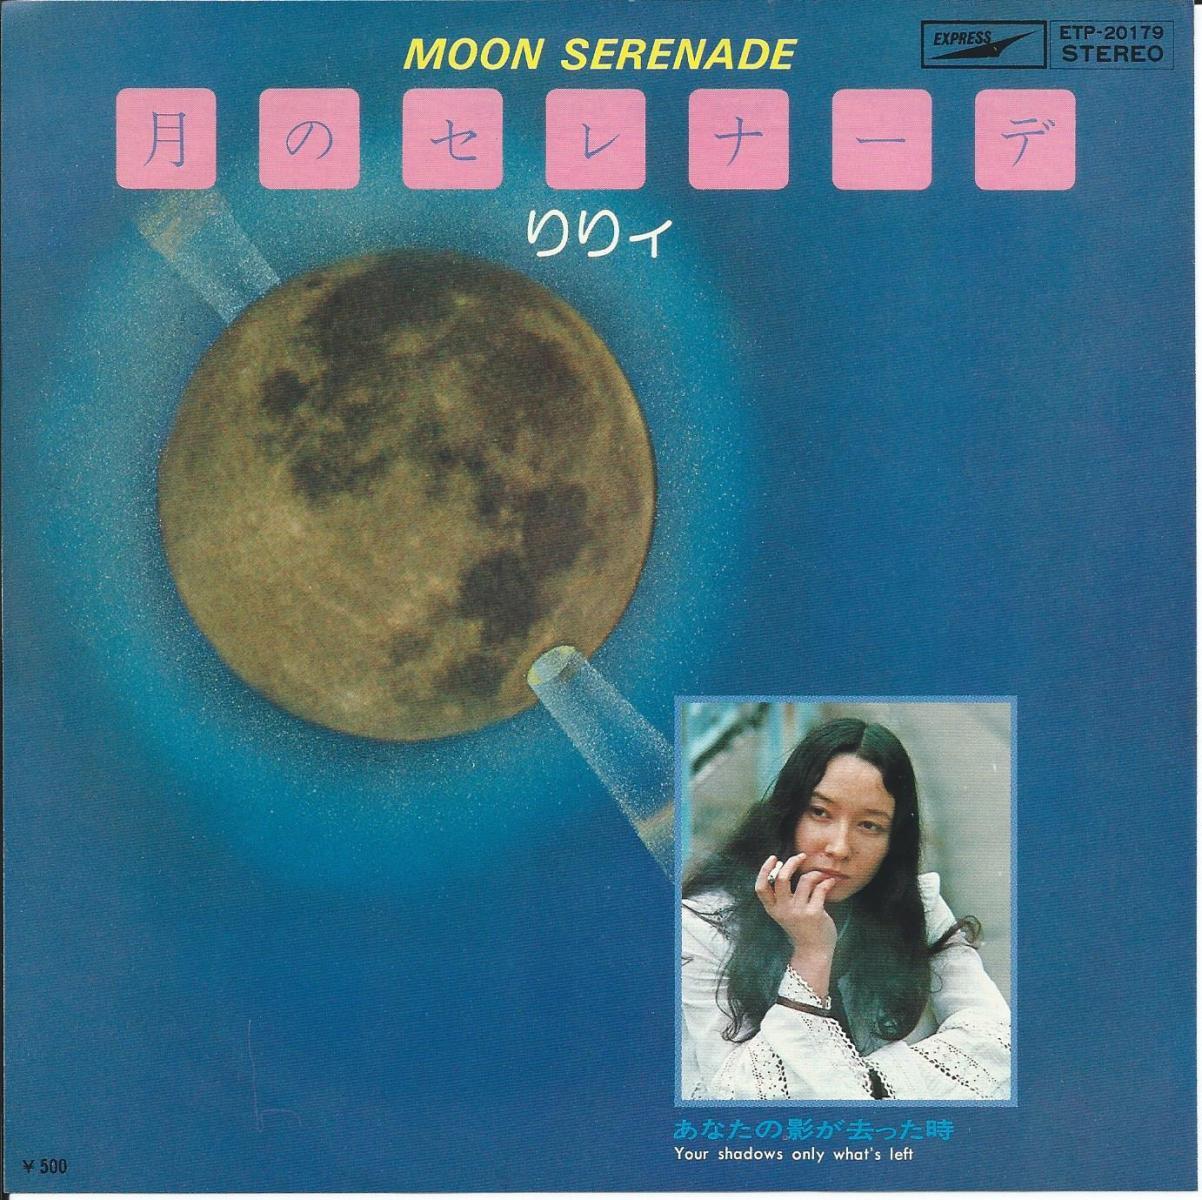 りりィ LILY / 月のセレナーデ MOON SERENADE (7